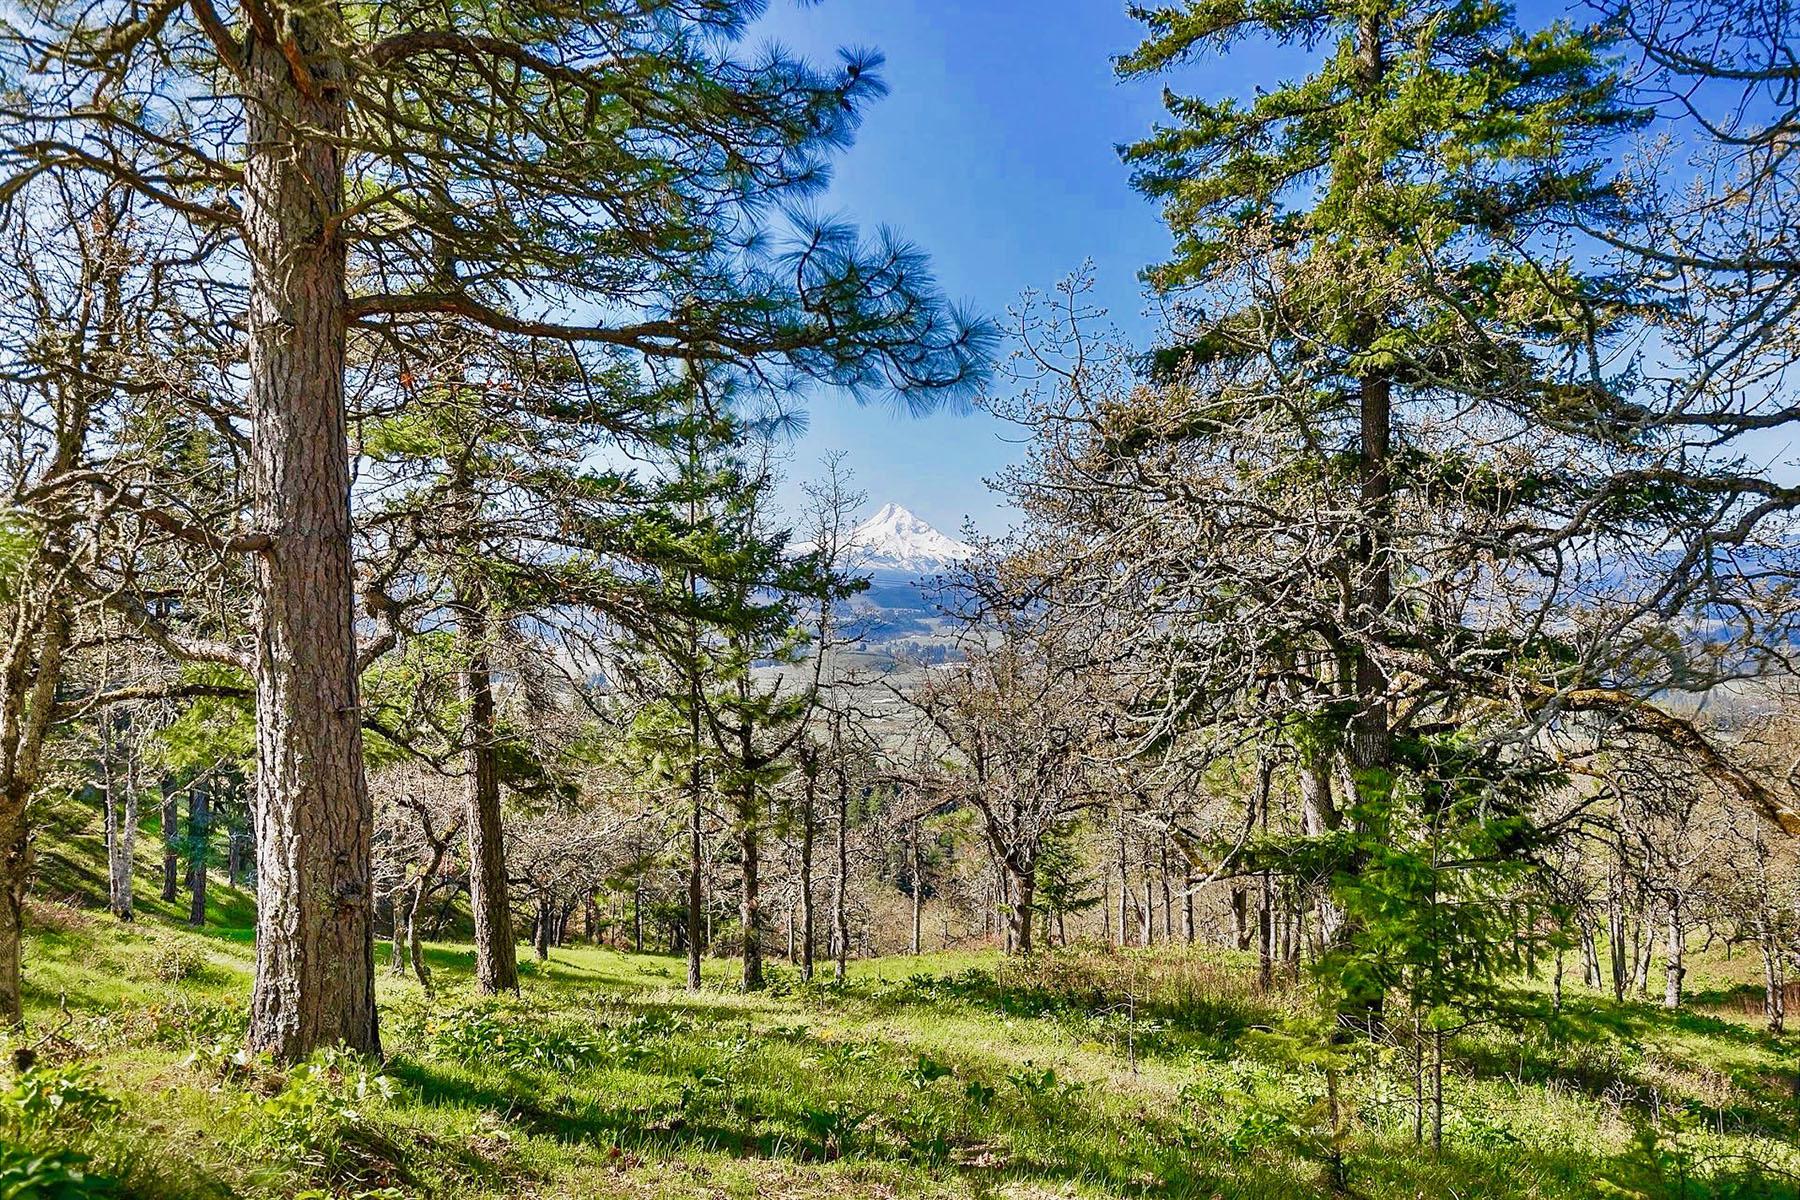 Land for Active at 1245 Hidden Oaks DR 12 Hood River, OR 97031 1245 Hidden Oaks DR 12 Hood River, Oregon 97031 United States